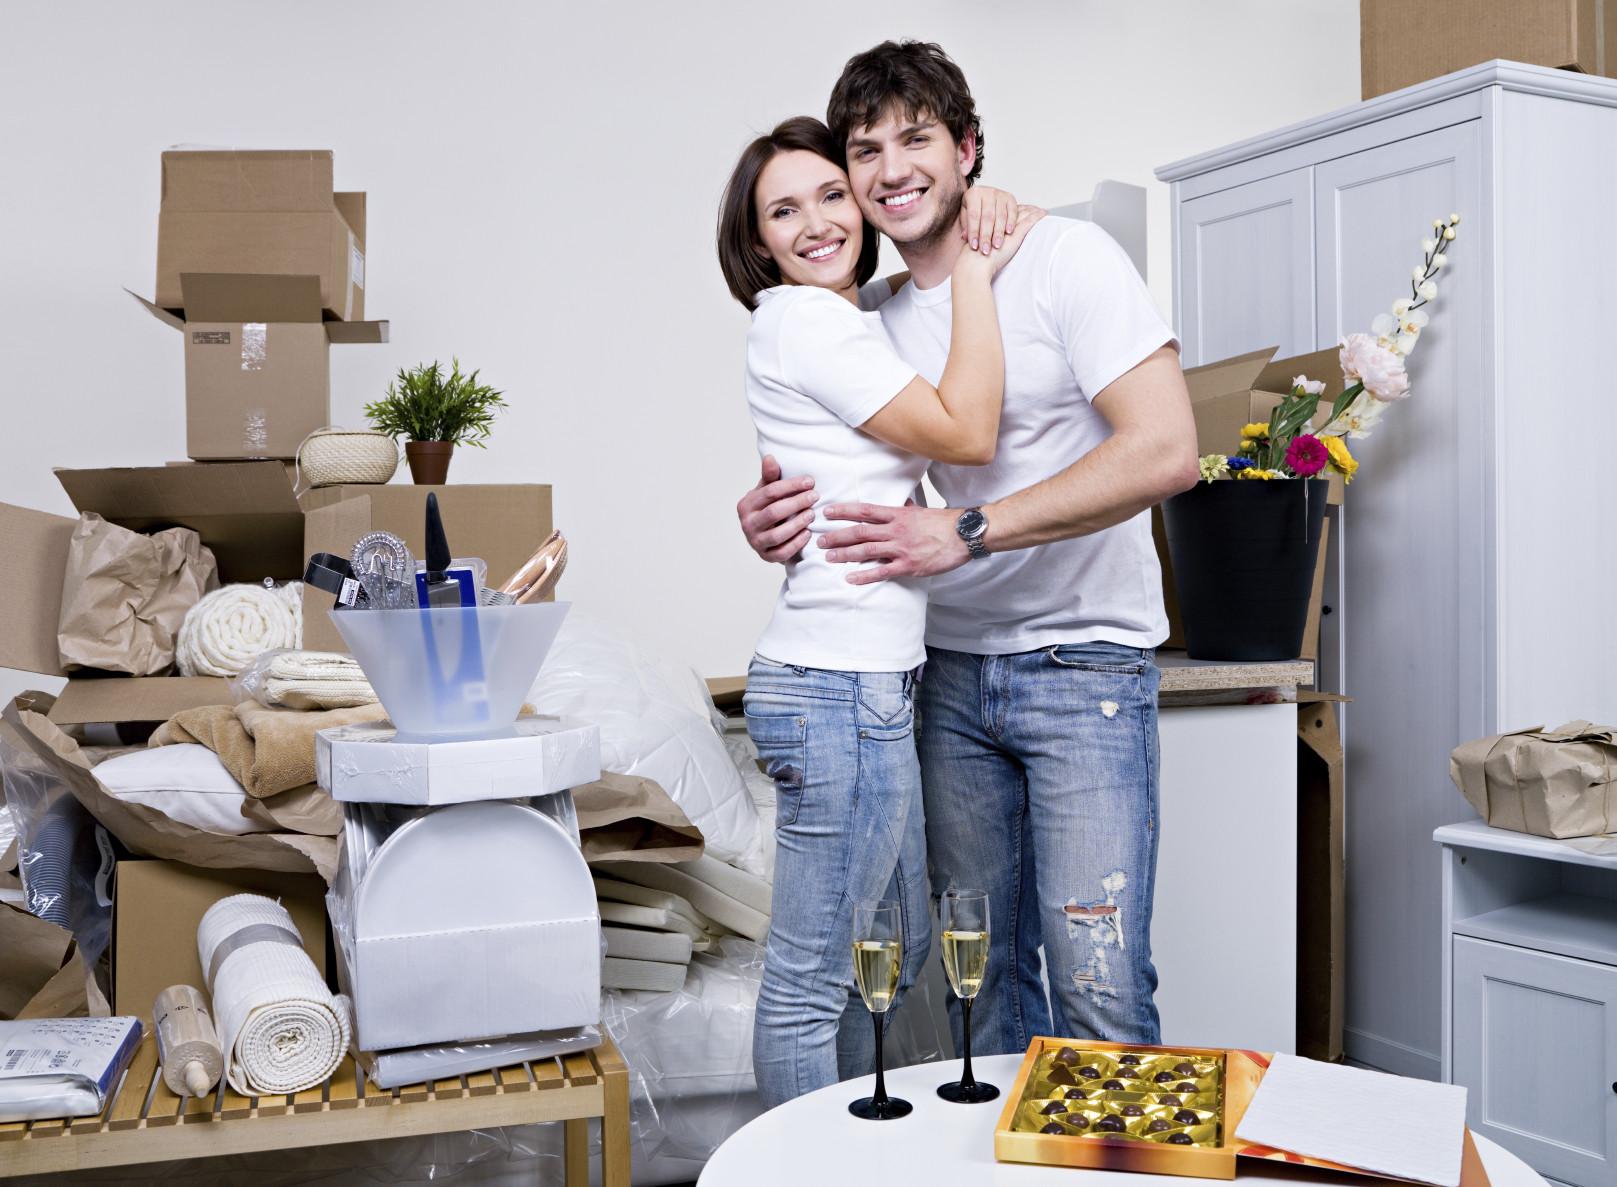 Wkład własny w kredyt hipoteczny